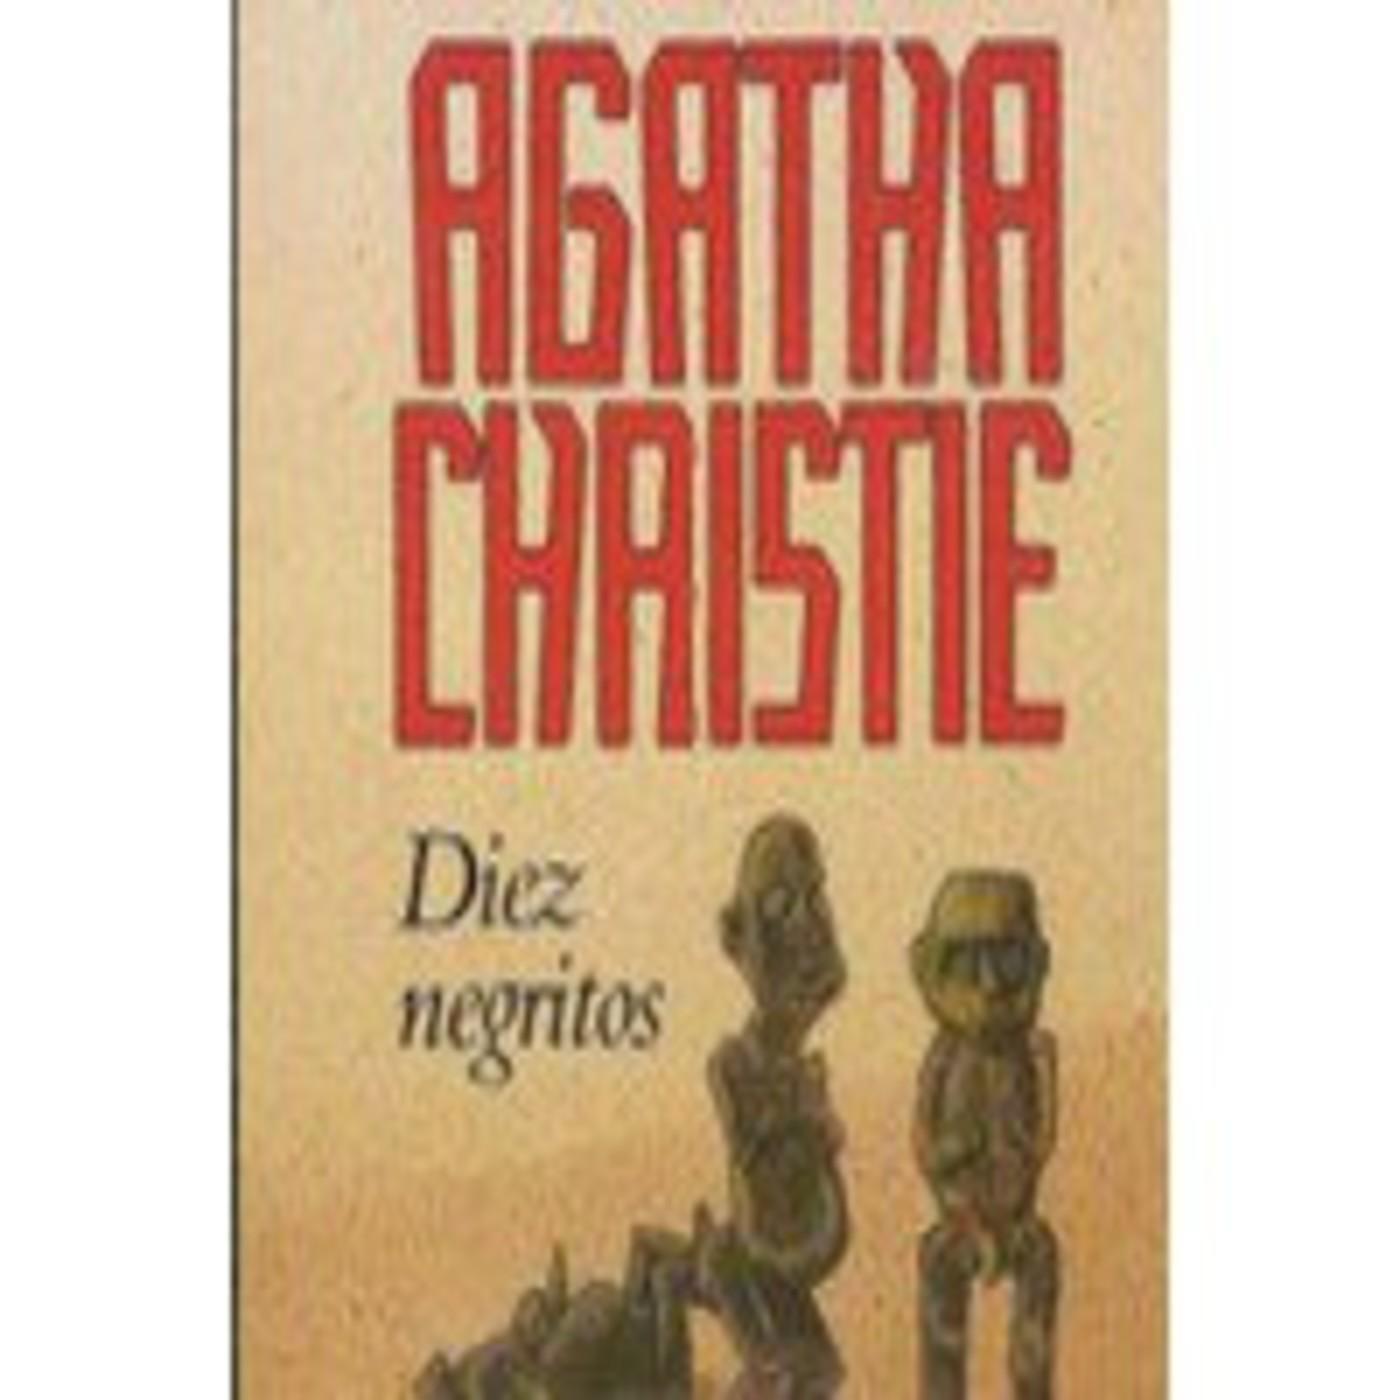 Diez Negritos (Agatha Christie) - Capítulo 18 y último